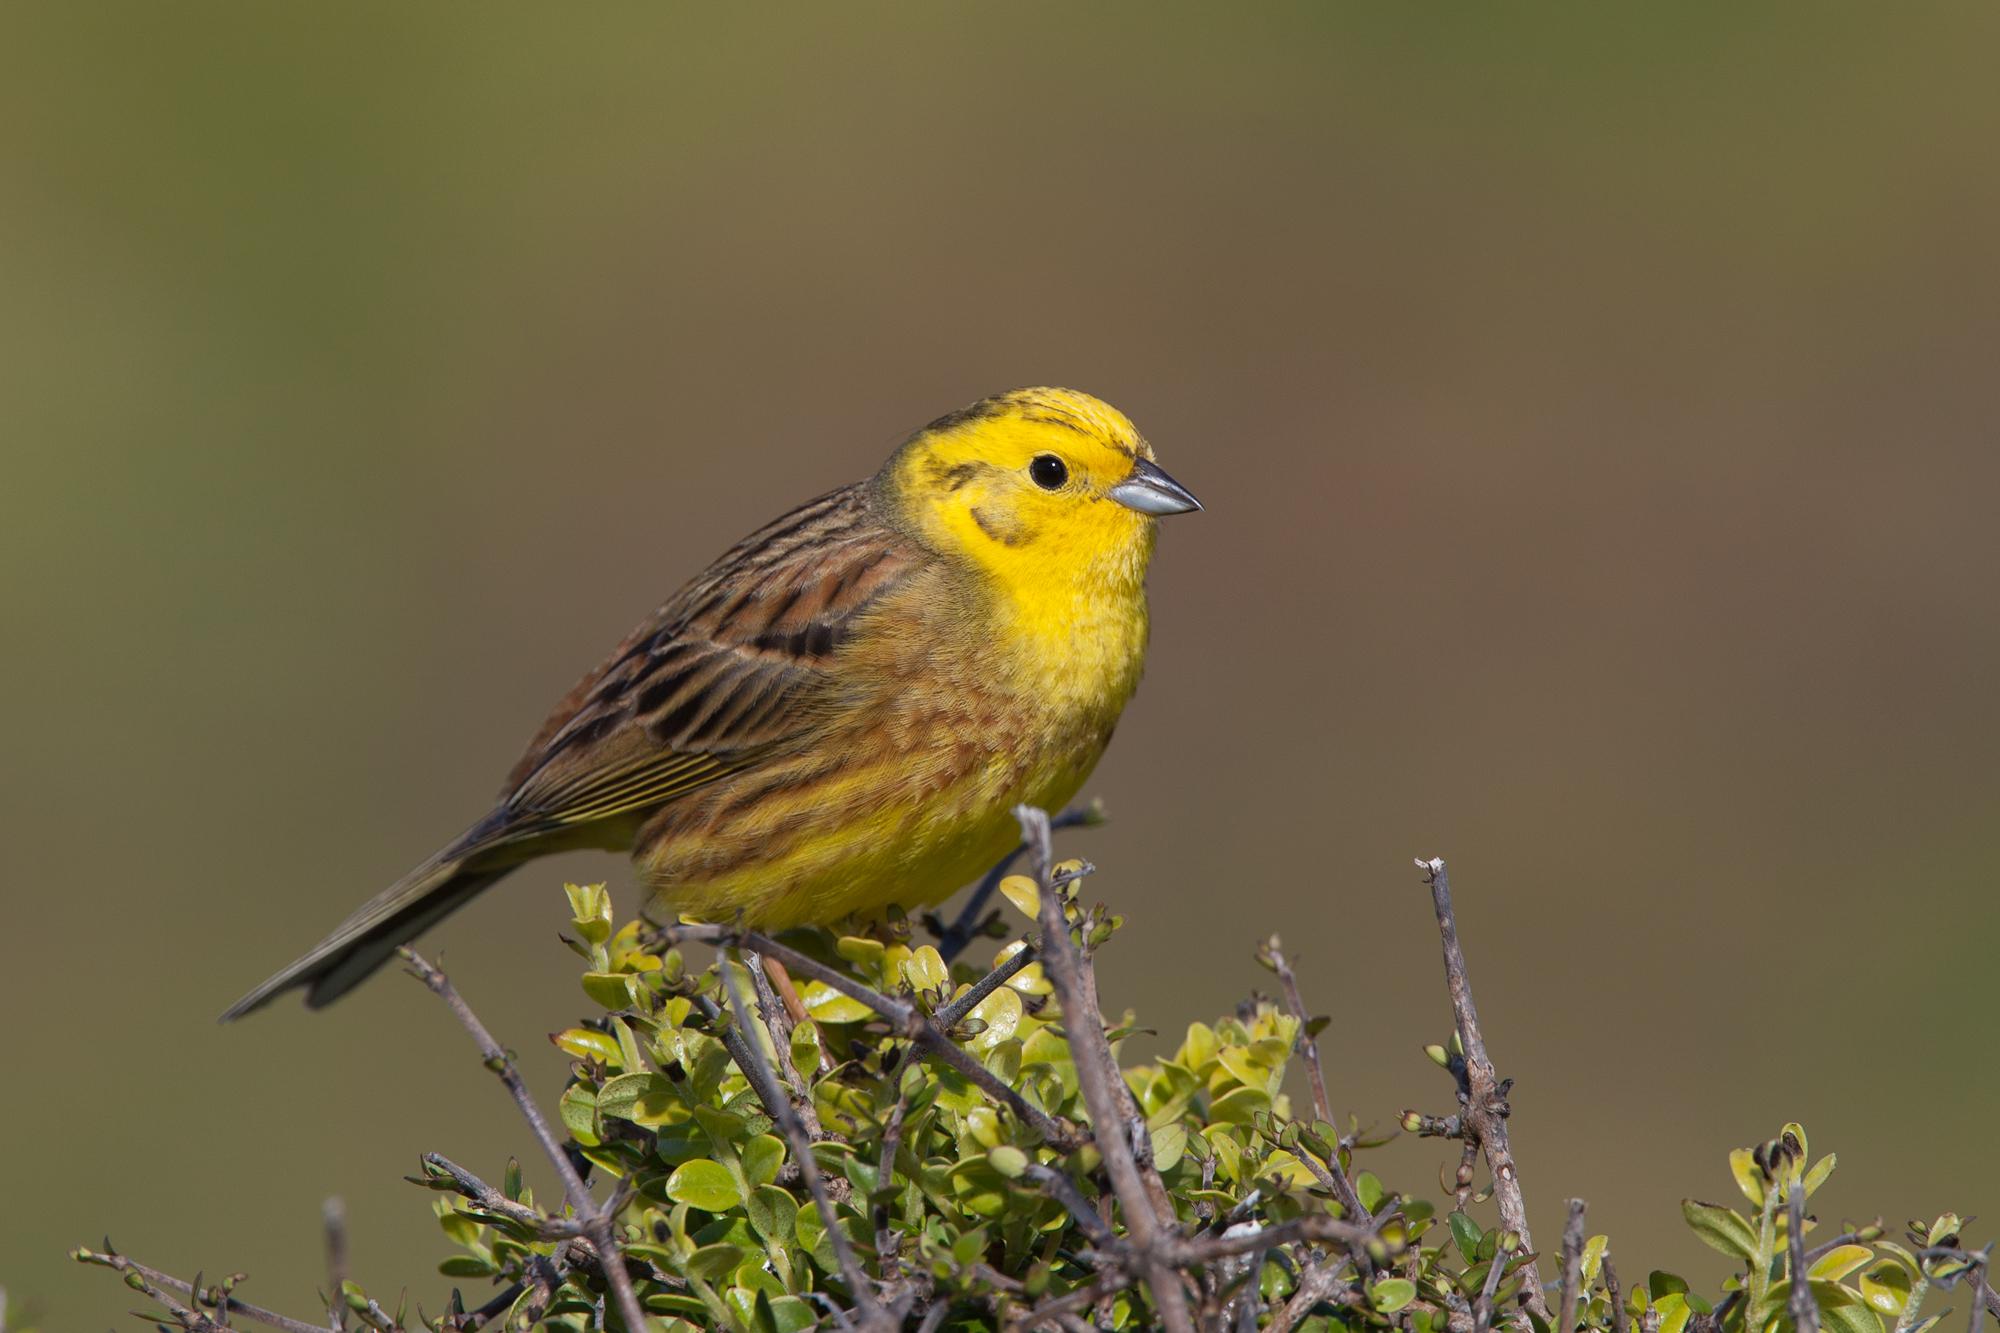 Little Yellow Bird >> Yellowhammer New Zealand Birds Online